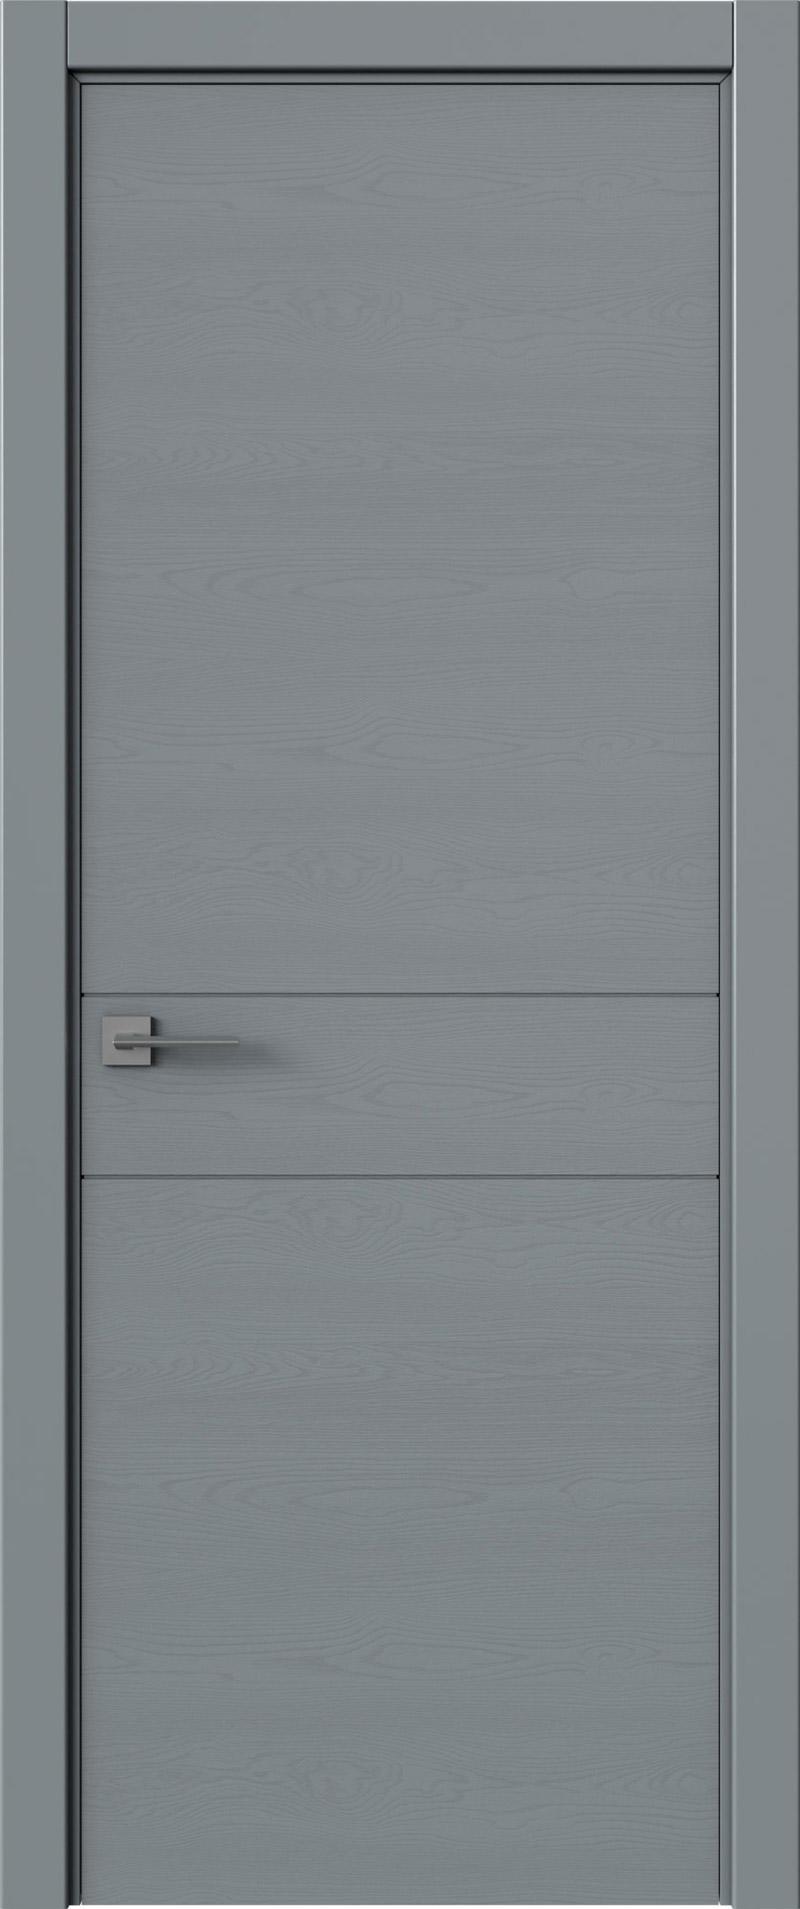 Tivoli И-2 цвет - Серебристо-серая эмаль по шпону (RAL 7045) Без стекла (ДГ)